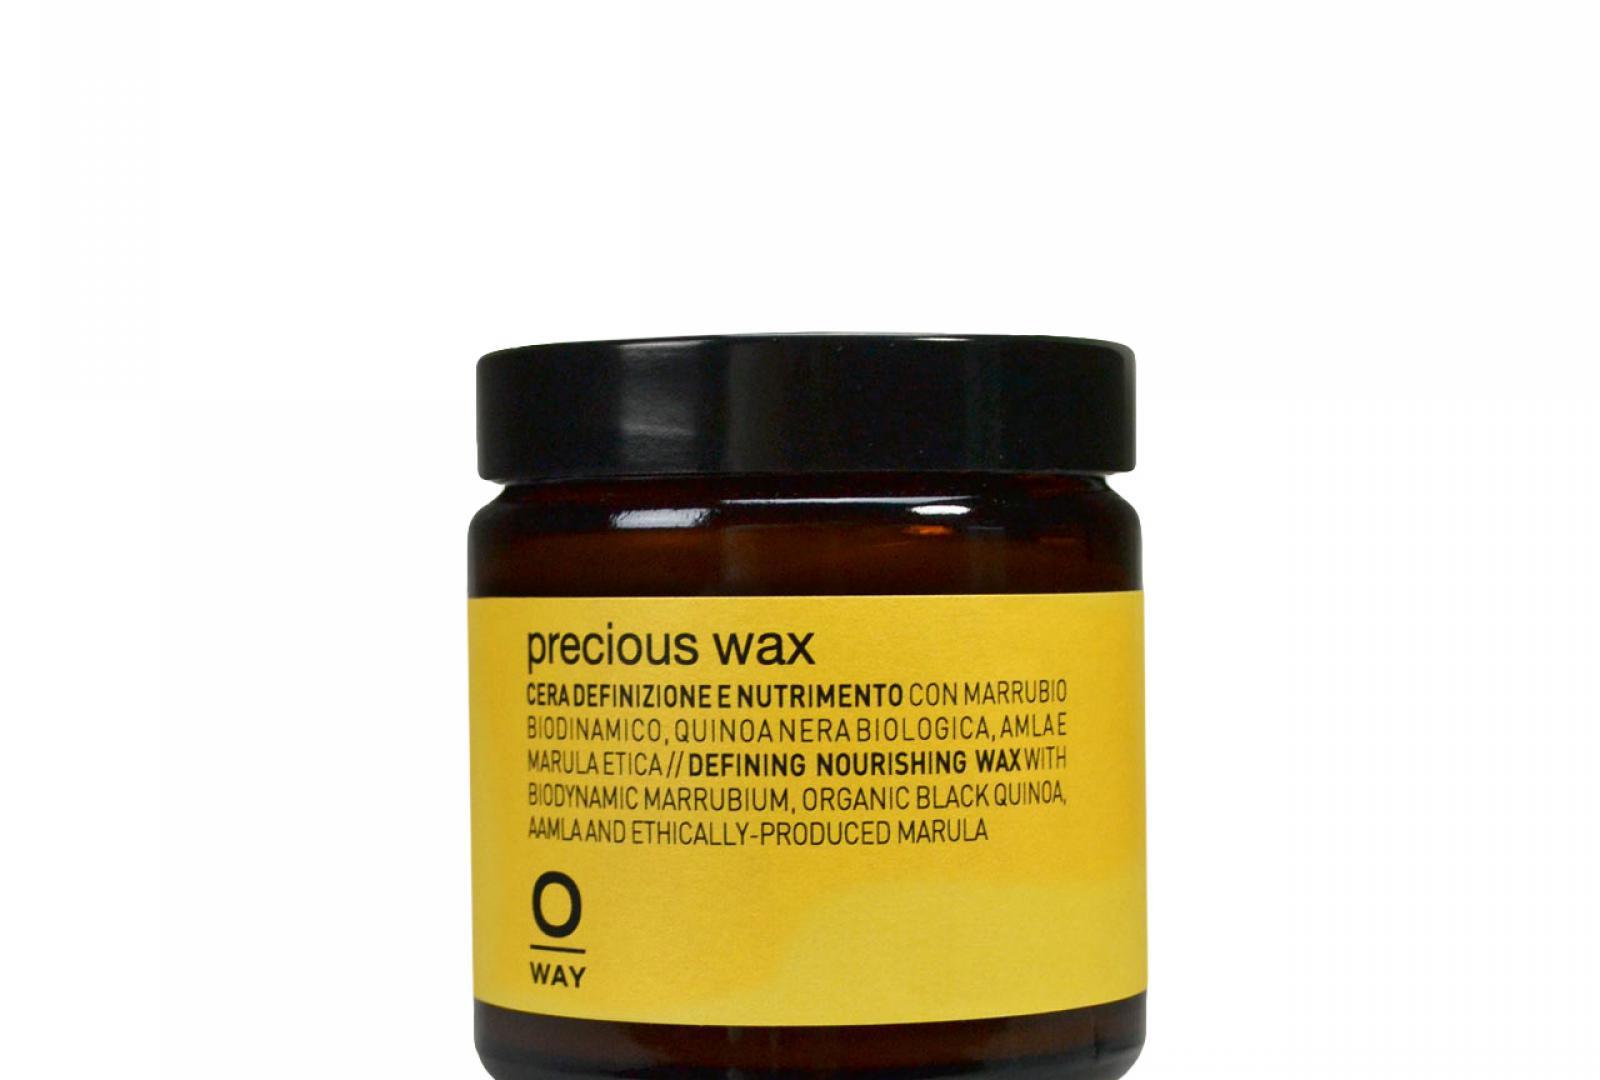 precious_wax_g.jpg